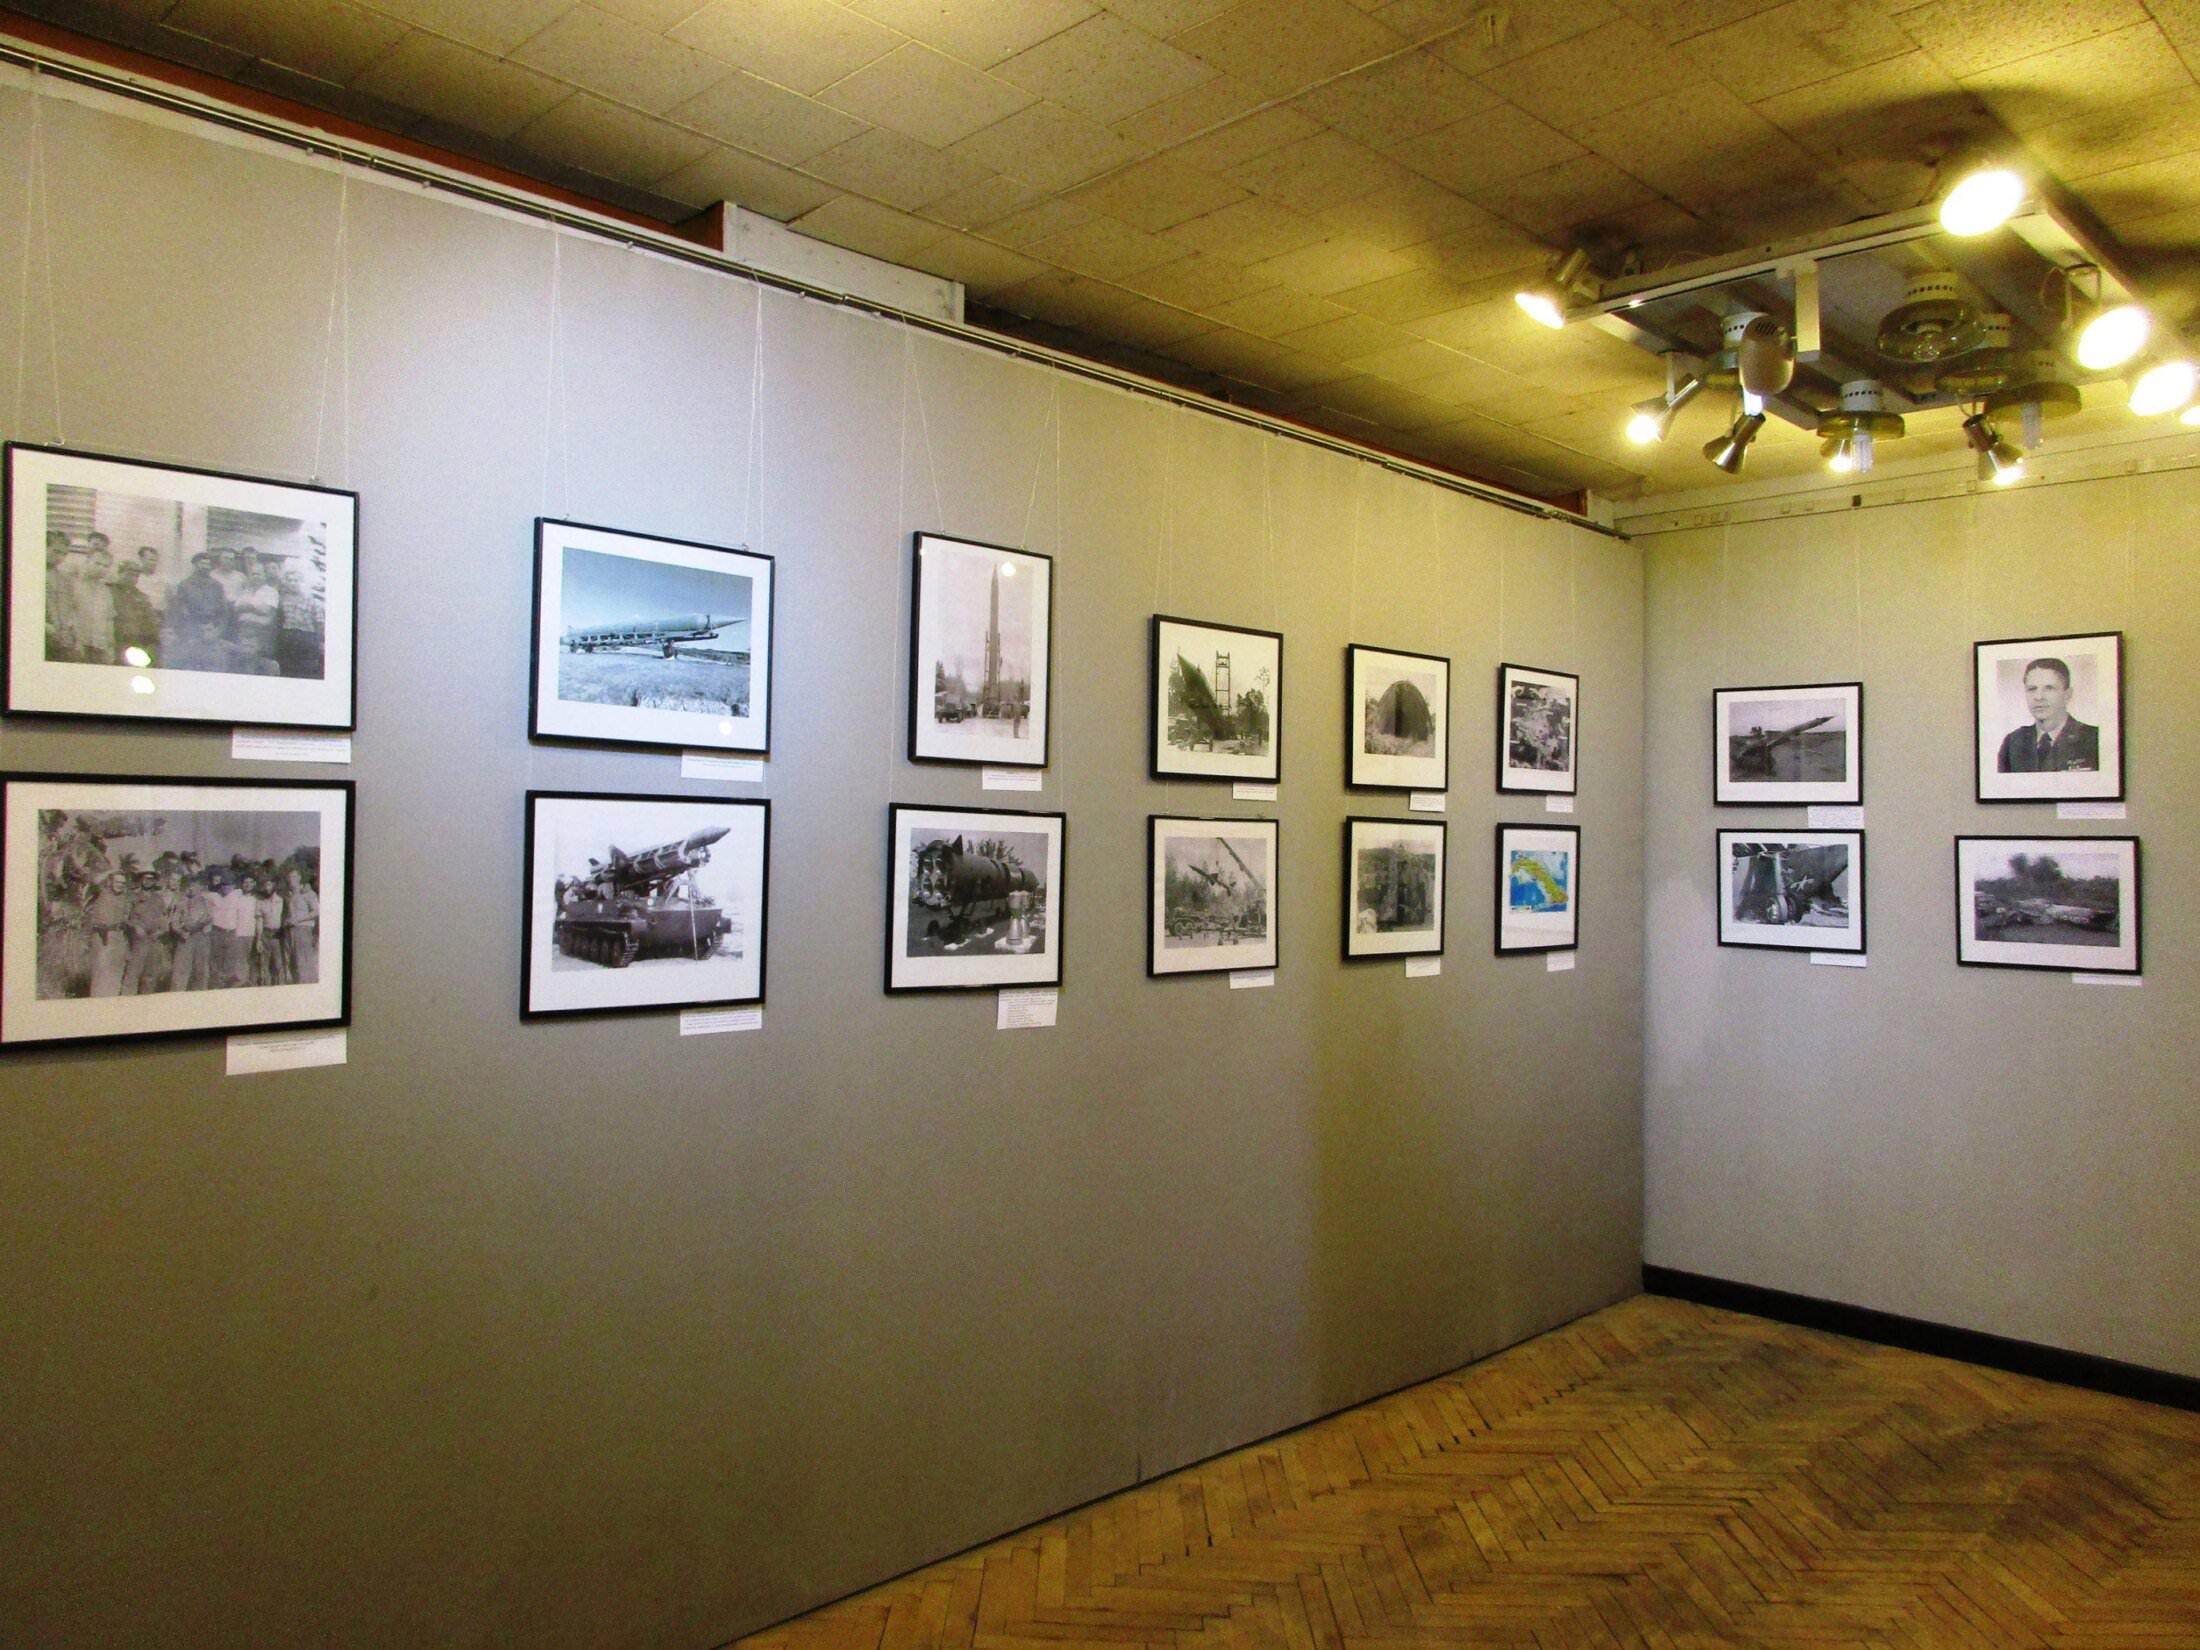 2016-10-27. Общая панорама со снимками советской военной техники